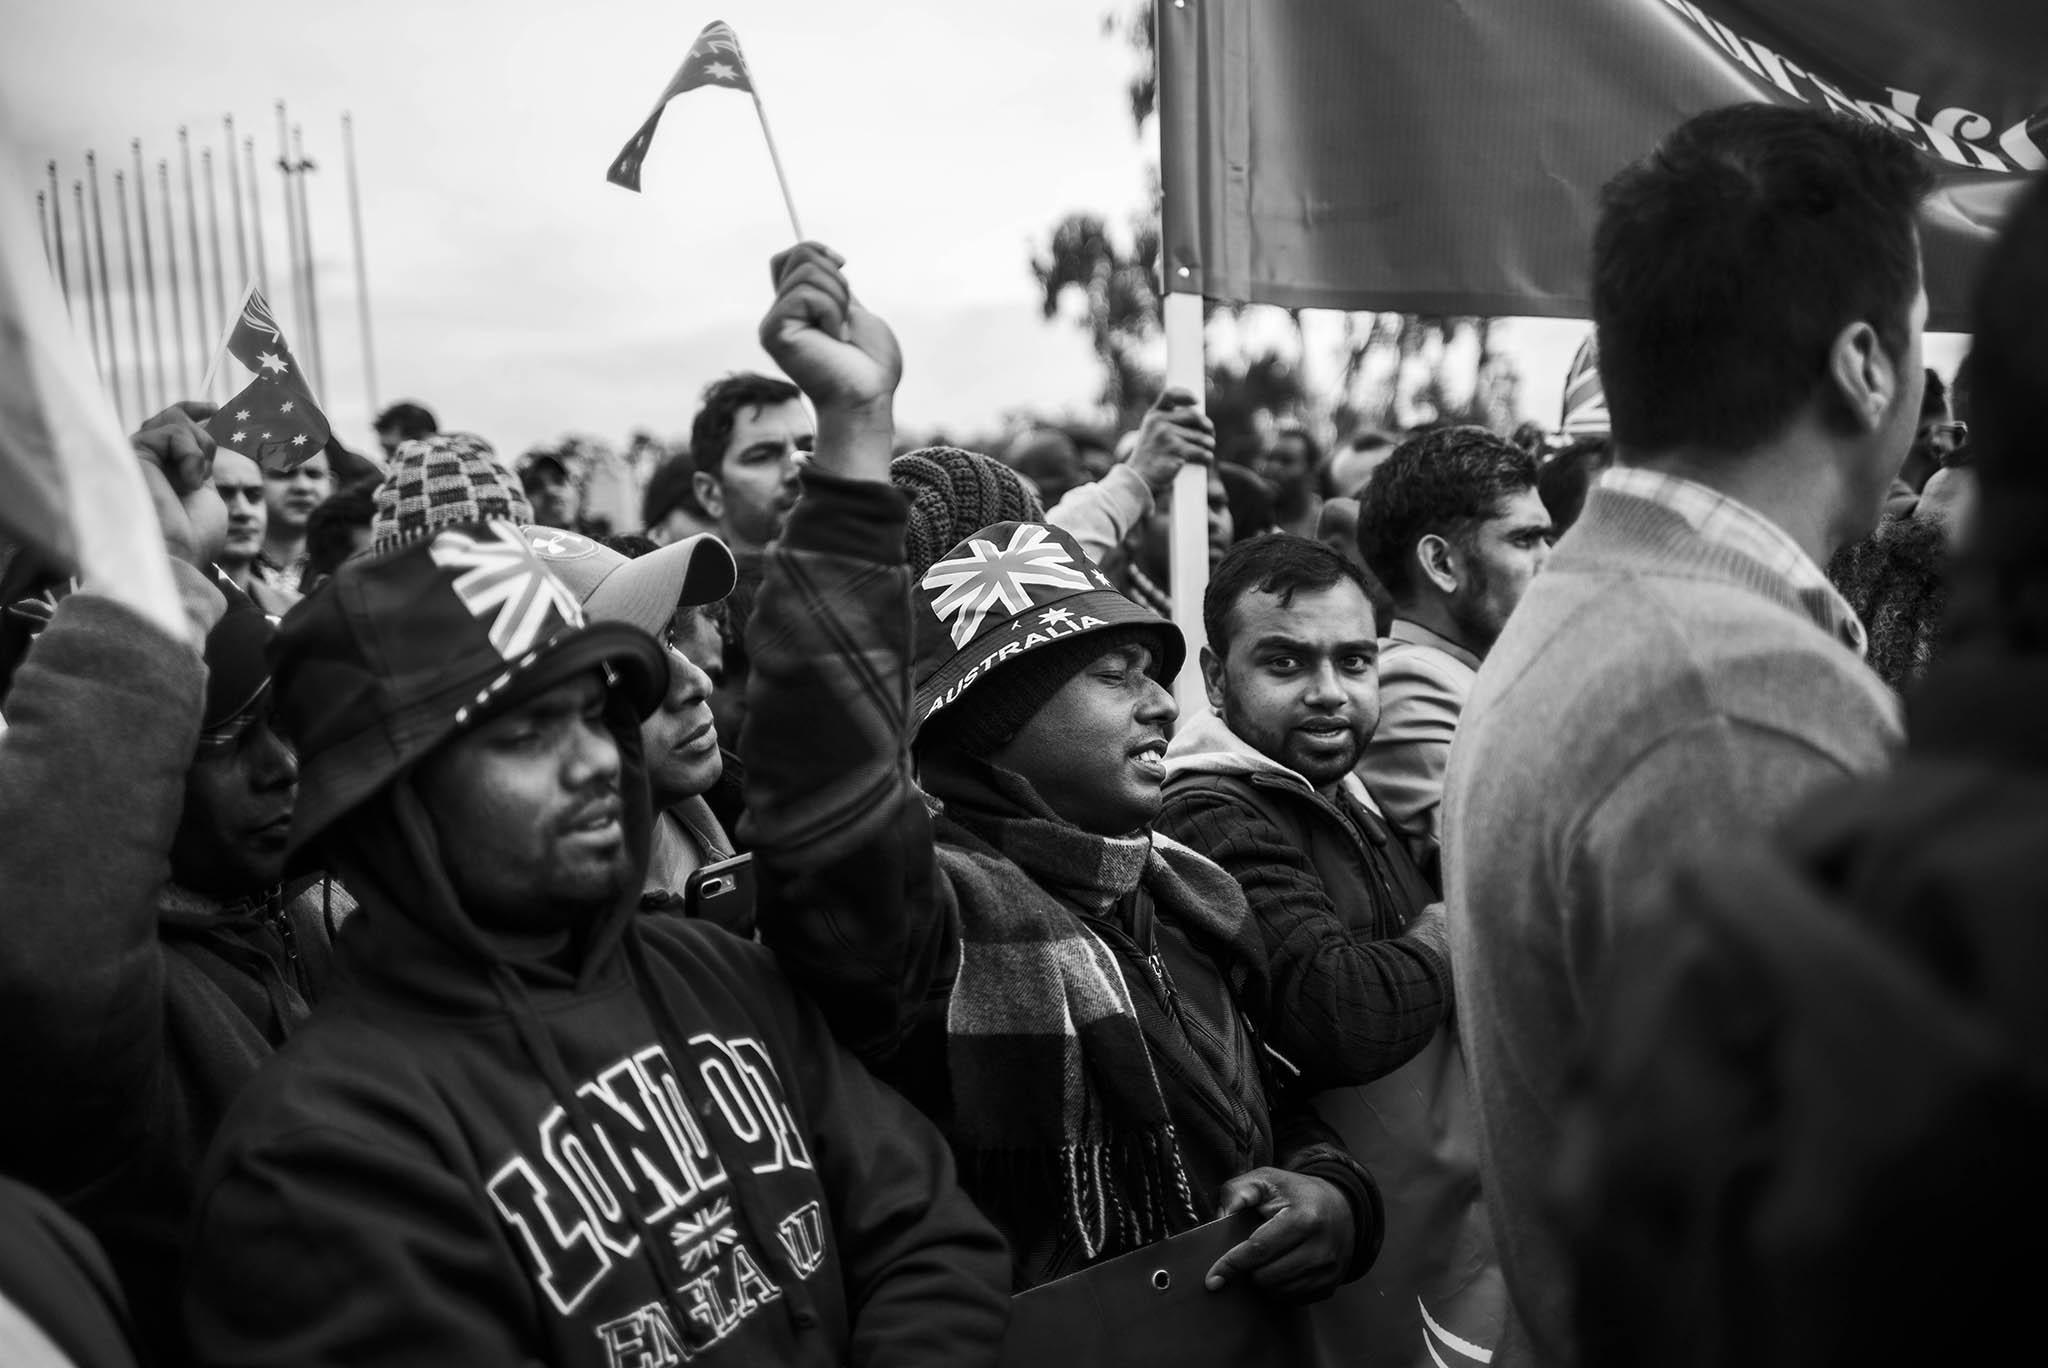 20190729_Refugee_Protest_0774.jpg